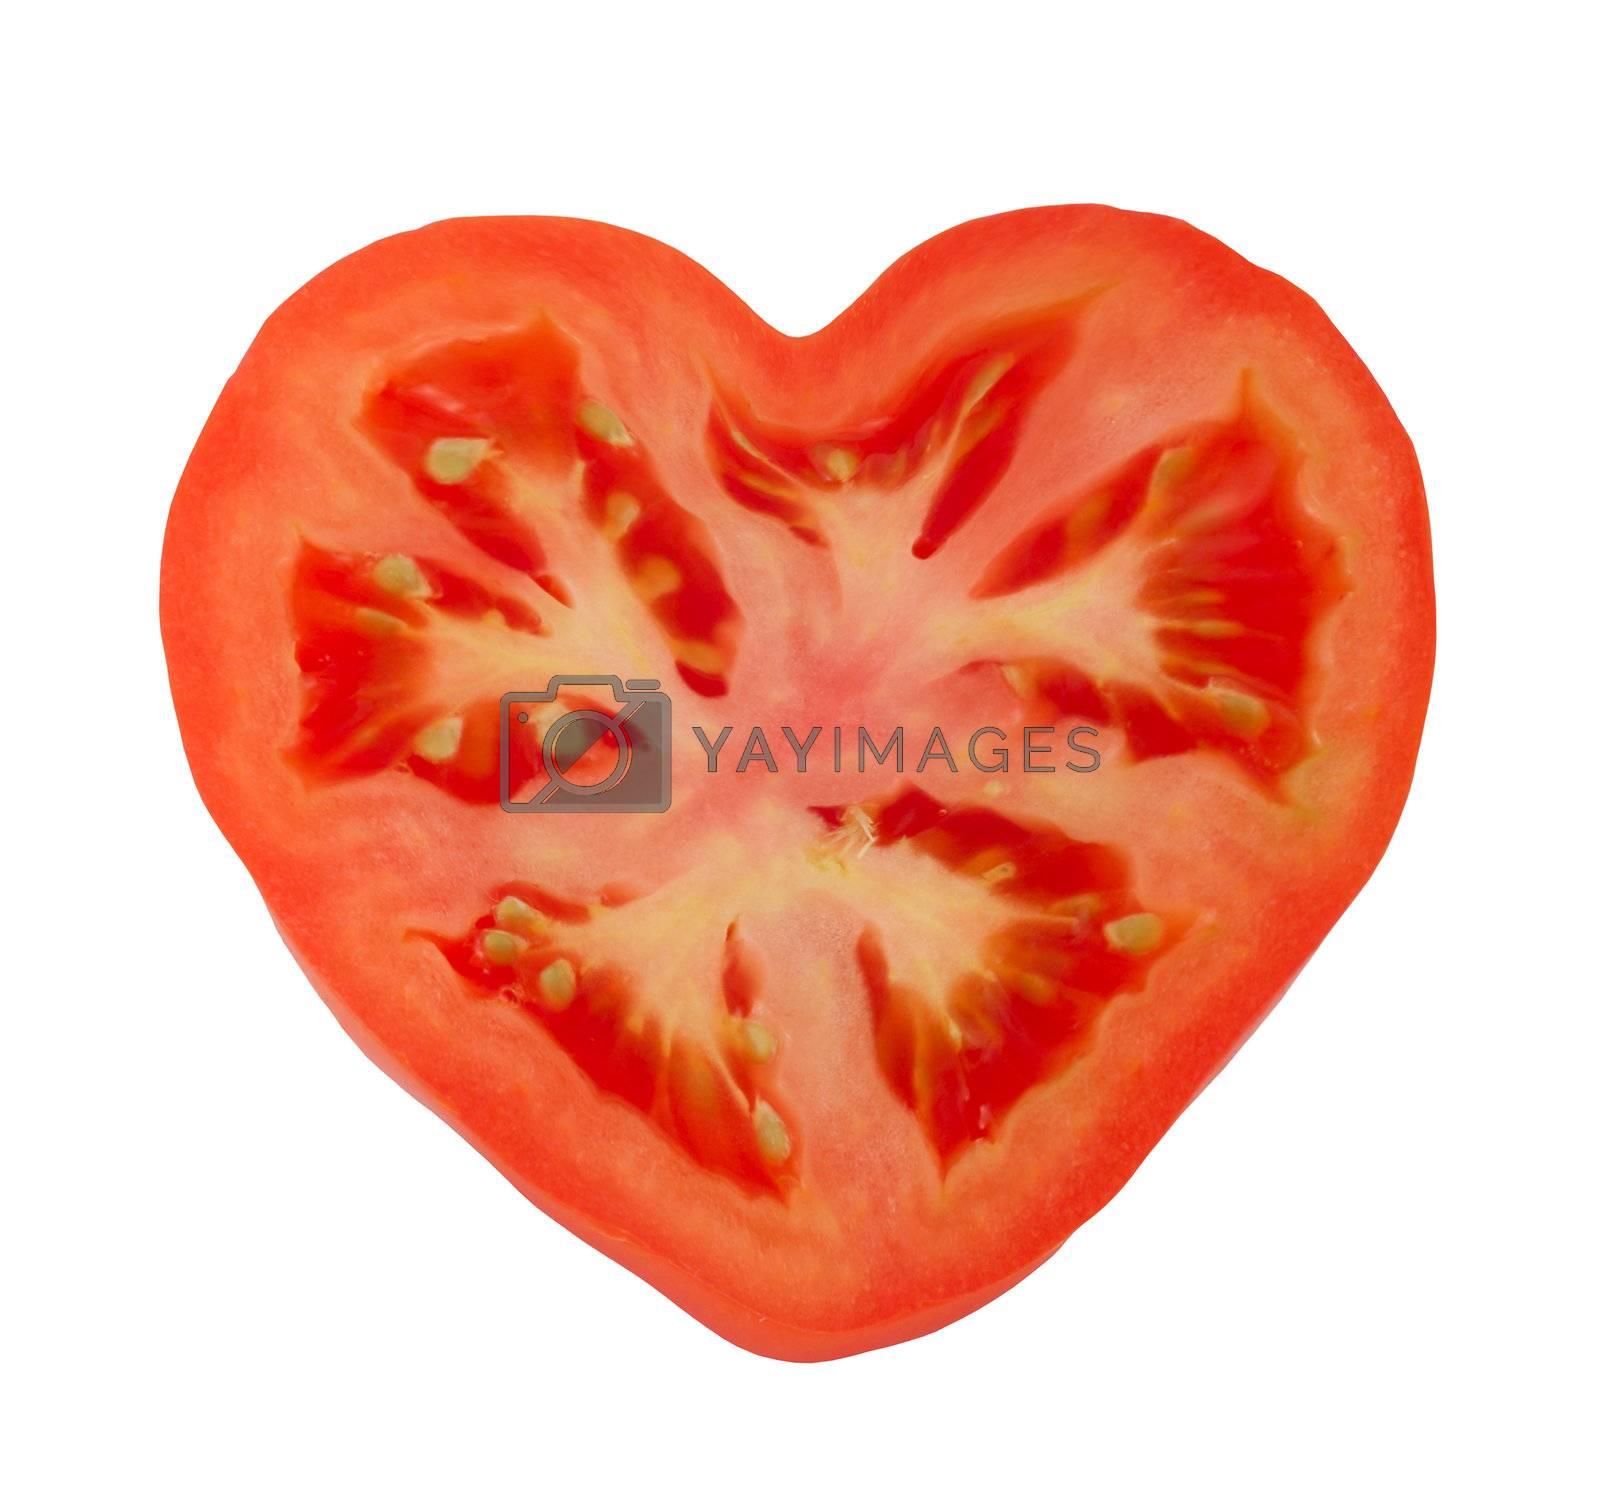 One tomato isolated on white background